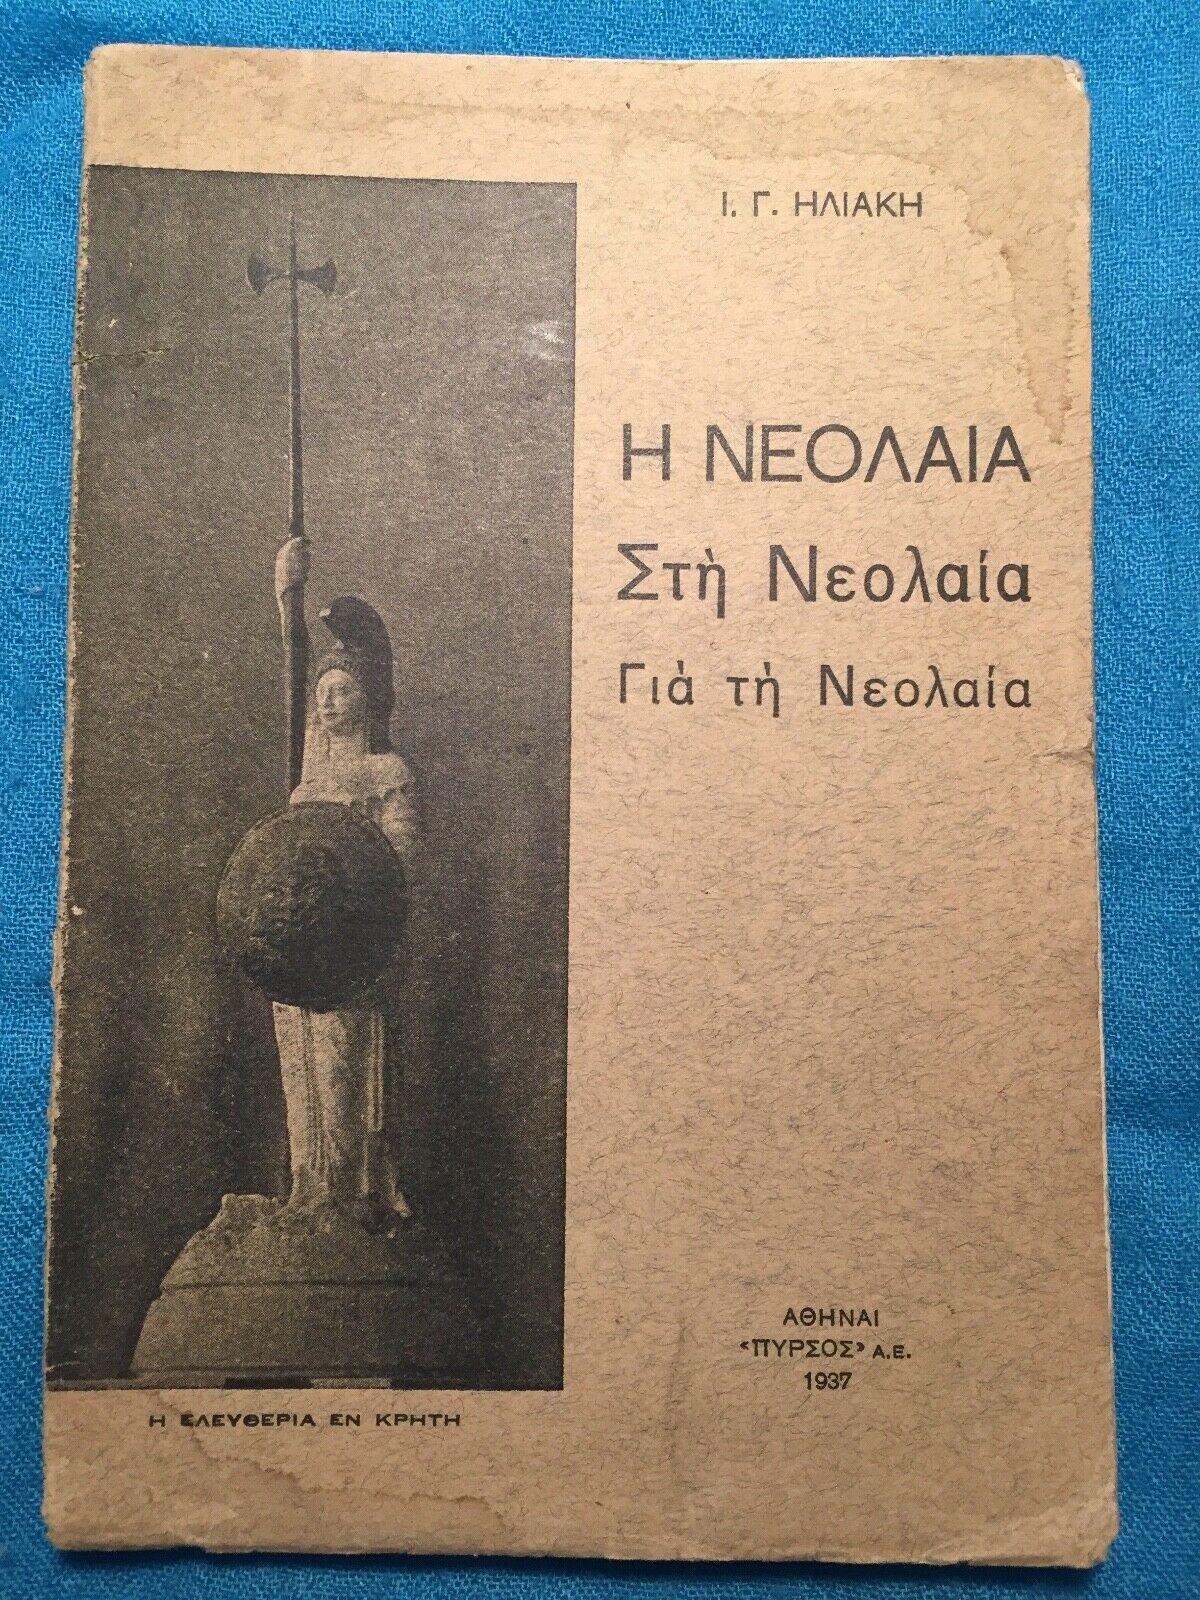 eon-greece-book-1937-eon-fascist-youth-00